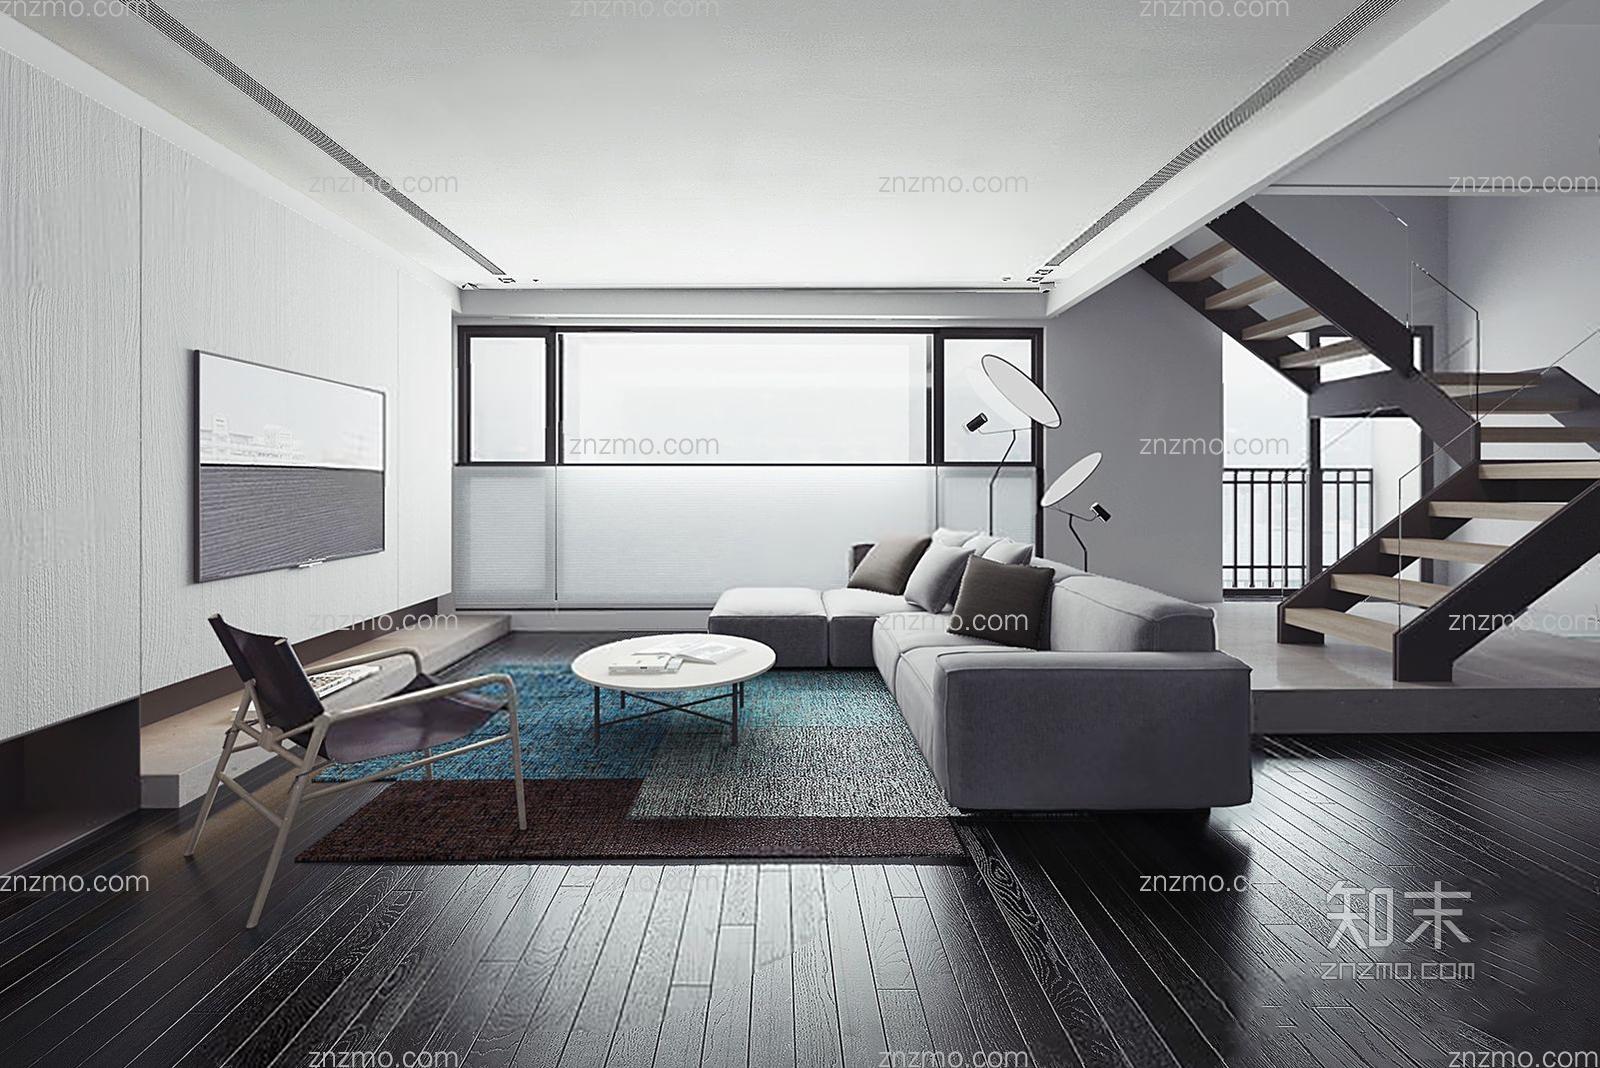 现代客厅 转角 沙发 椅子茶几 楼梯